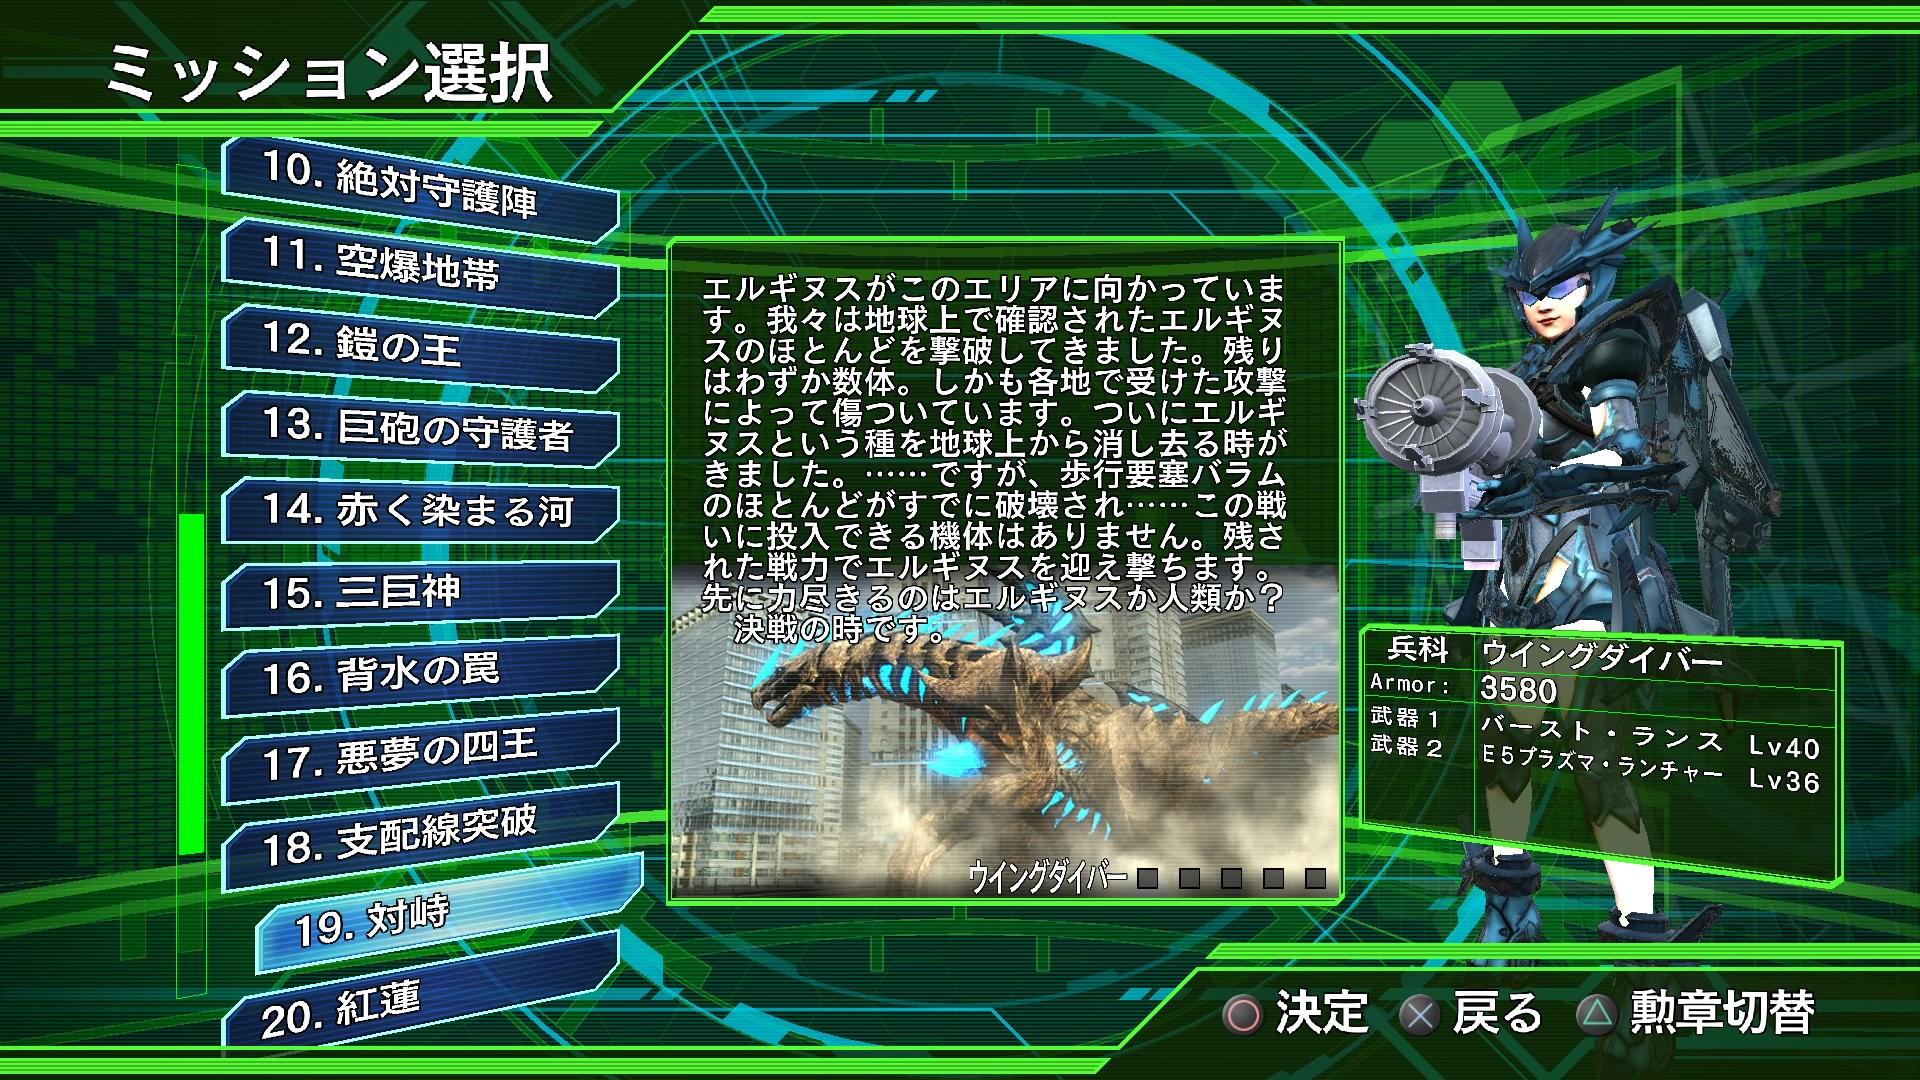 【画像】 PS4「地球防衛軍4.1」がなんか凄いことになってる件 おまけに60fps